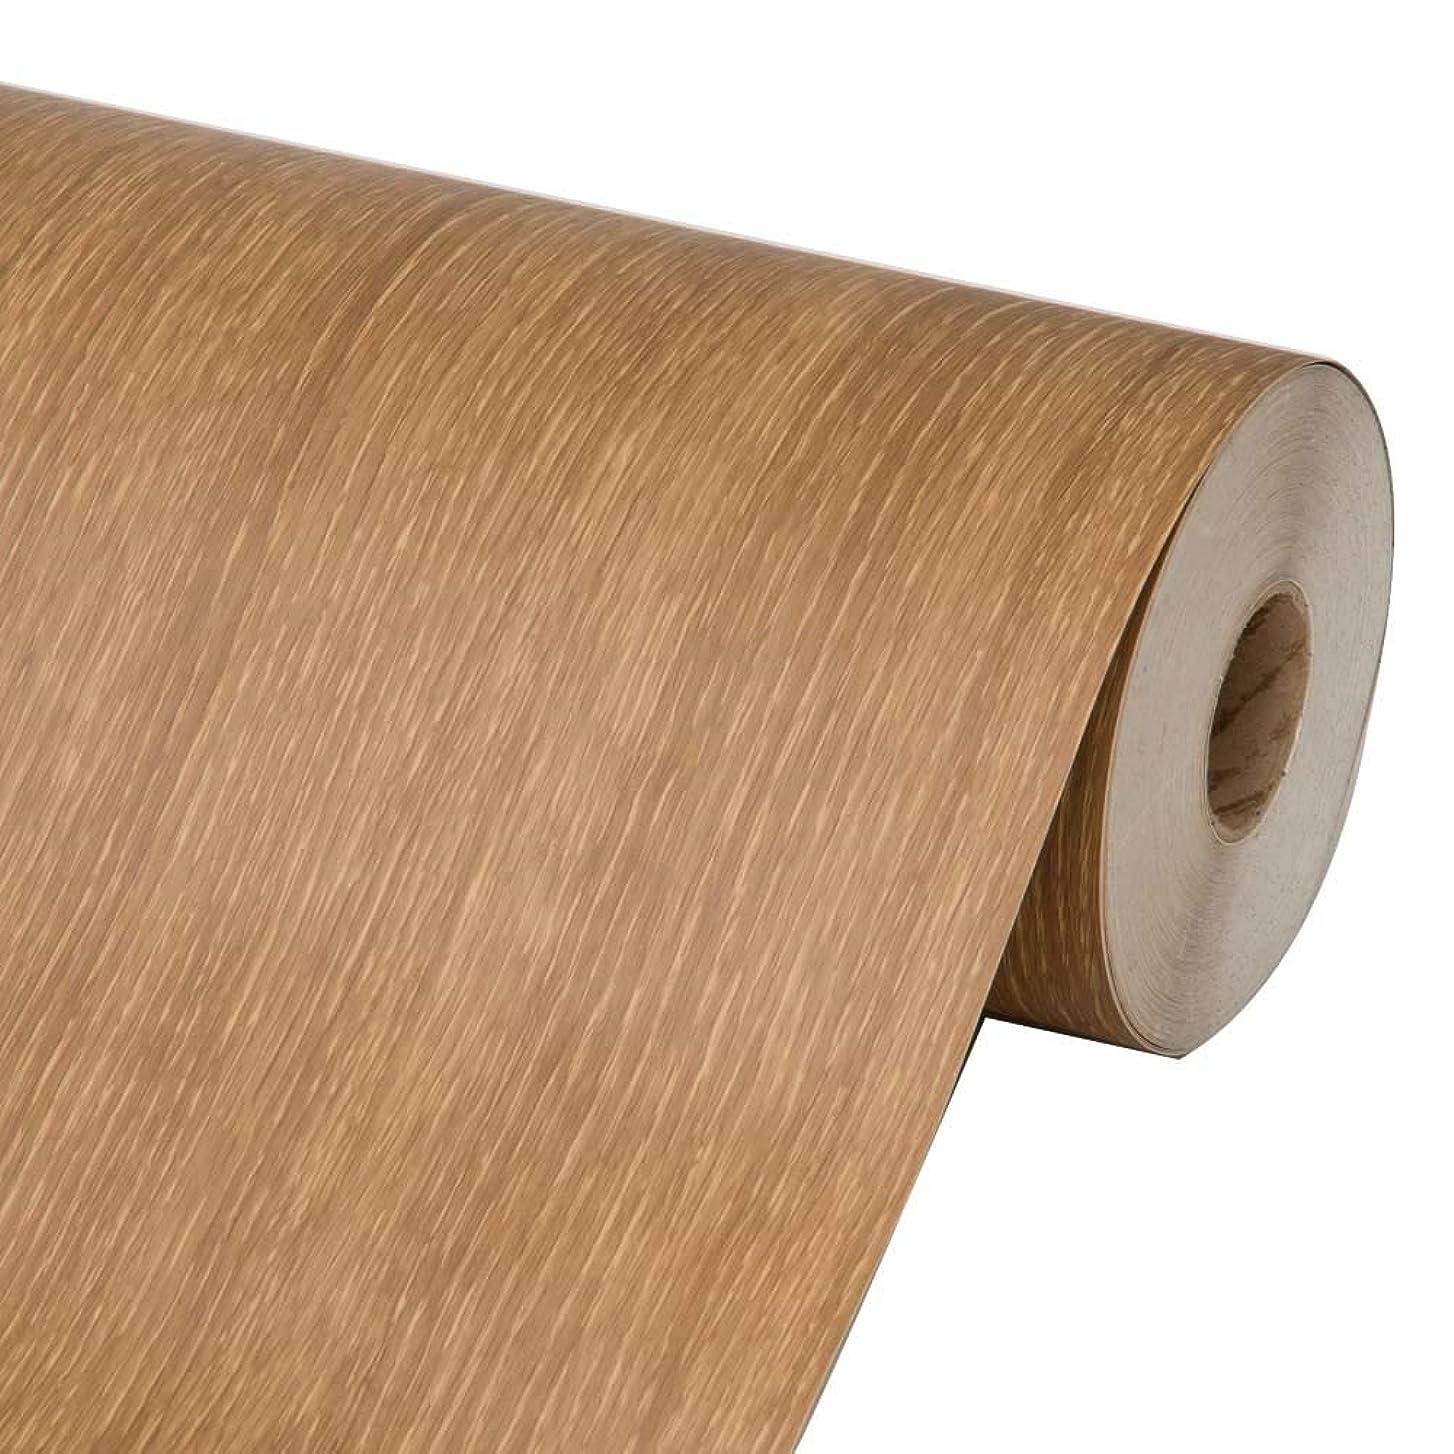 希少性ホール溶融リメイクシート DIY リフォームシート はがせる壁紙シール 木目調 ウォールステッカー 店舗 部屋 キッチン トイレ OrderCutSheet説明書付き